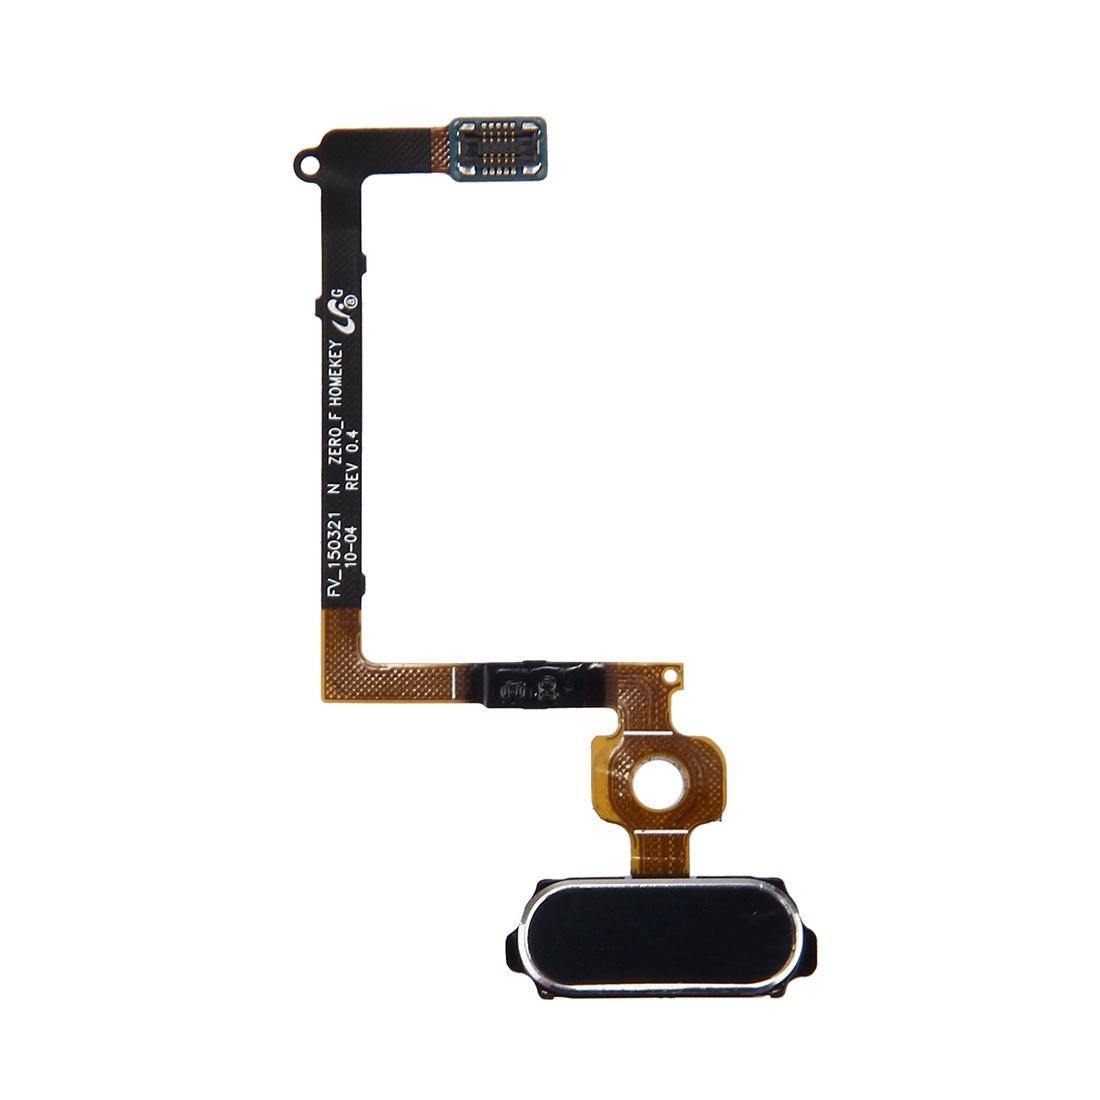 Bouton d'accueil pour Galaxy S6 / G920F